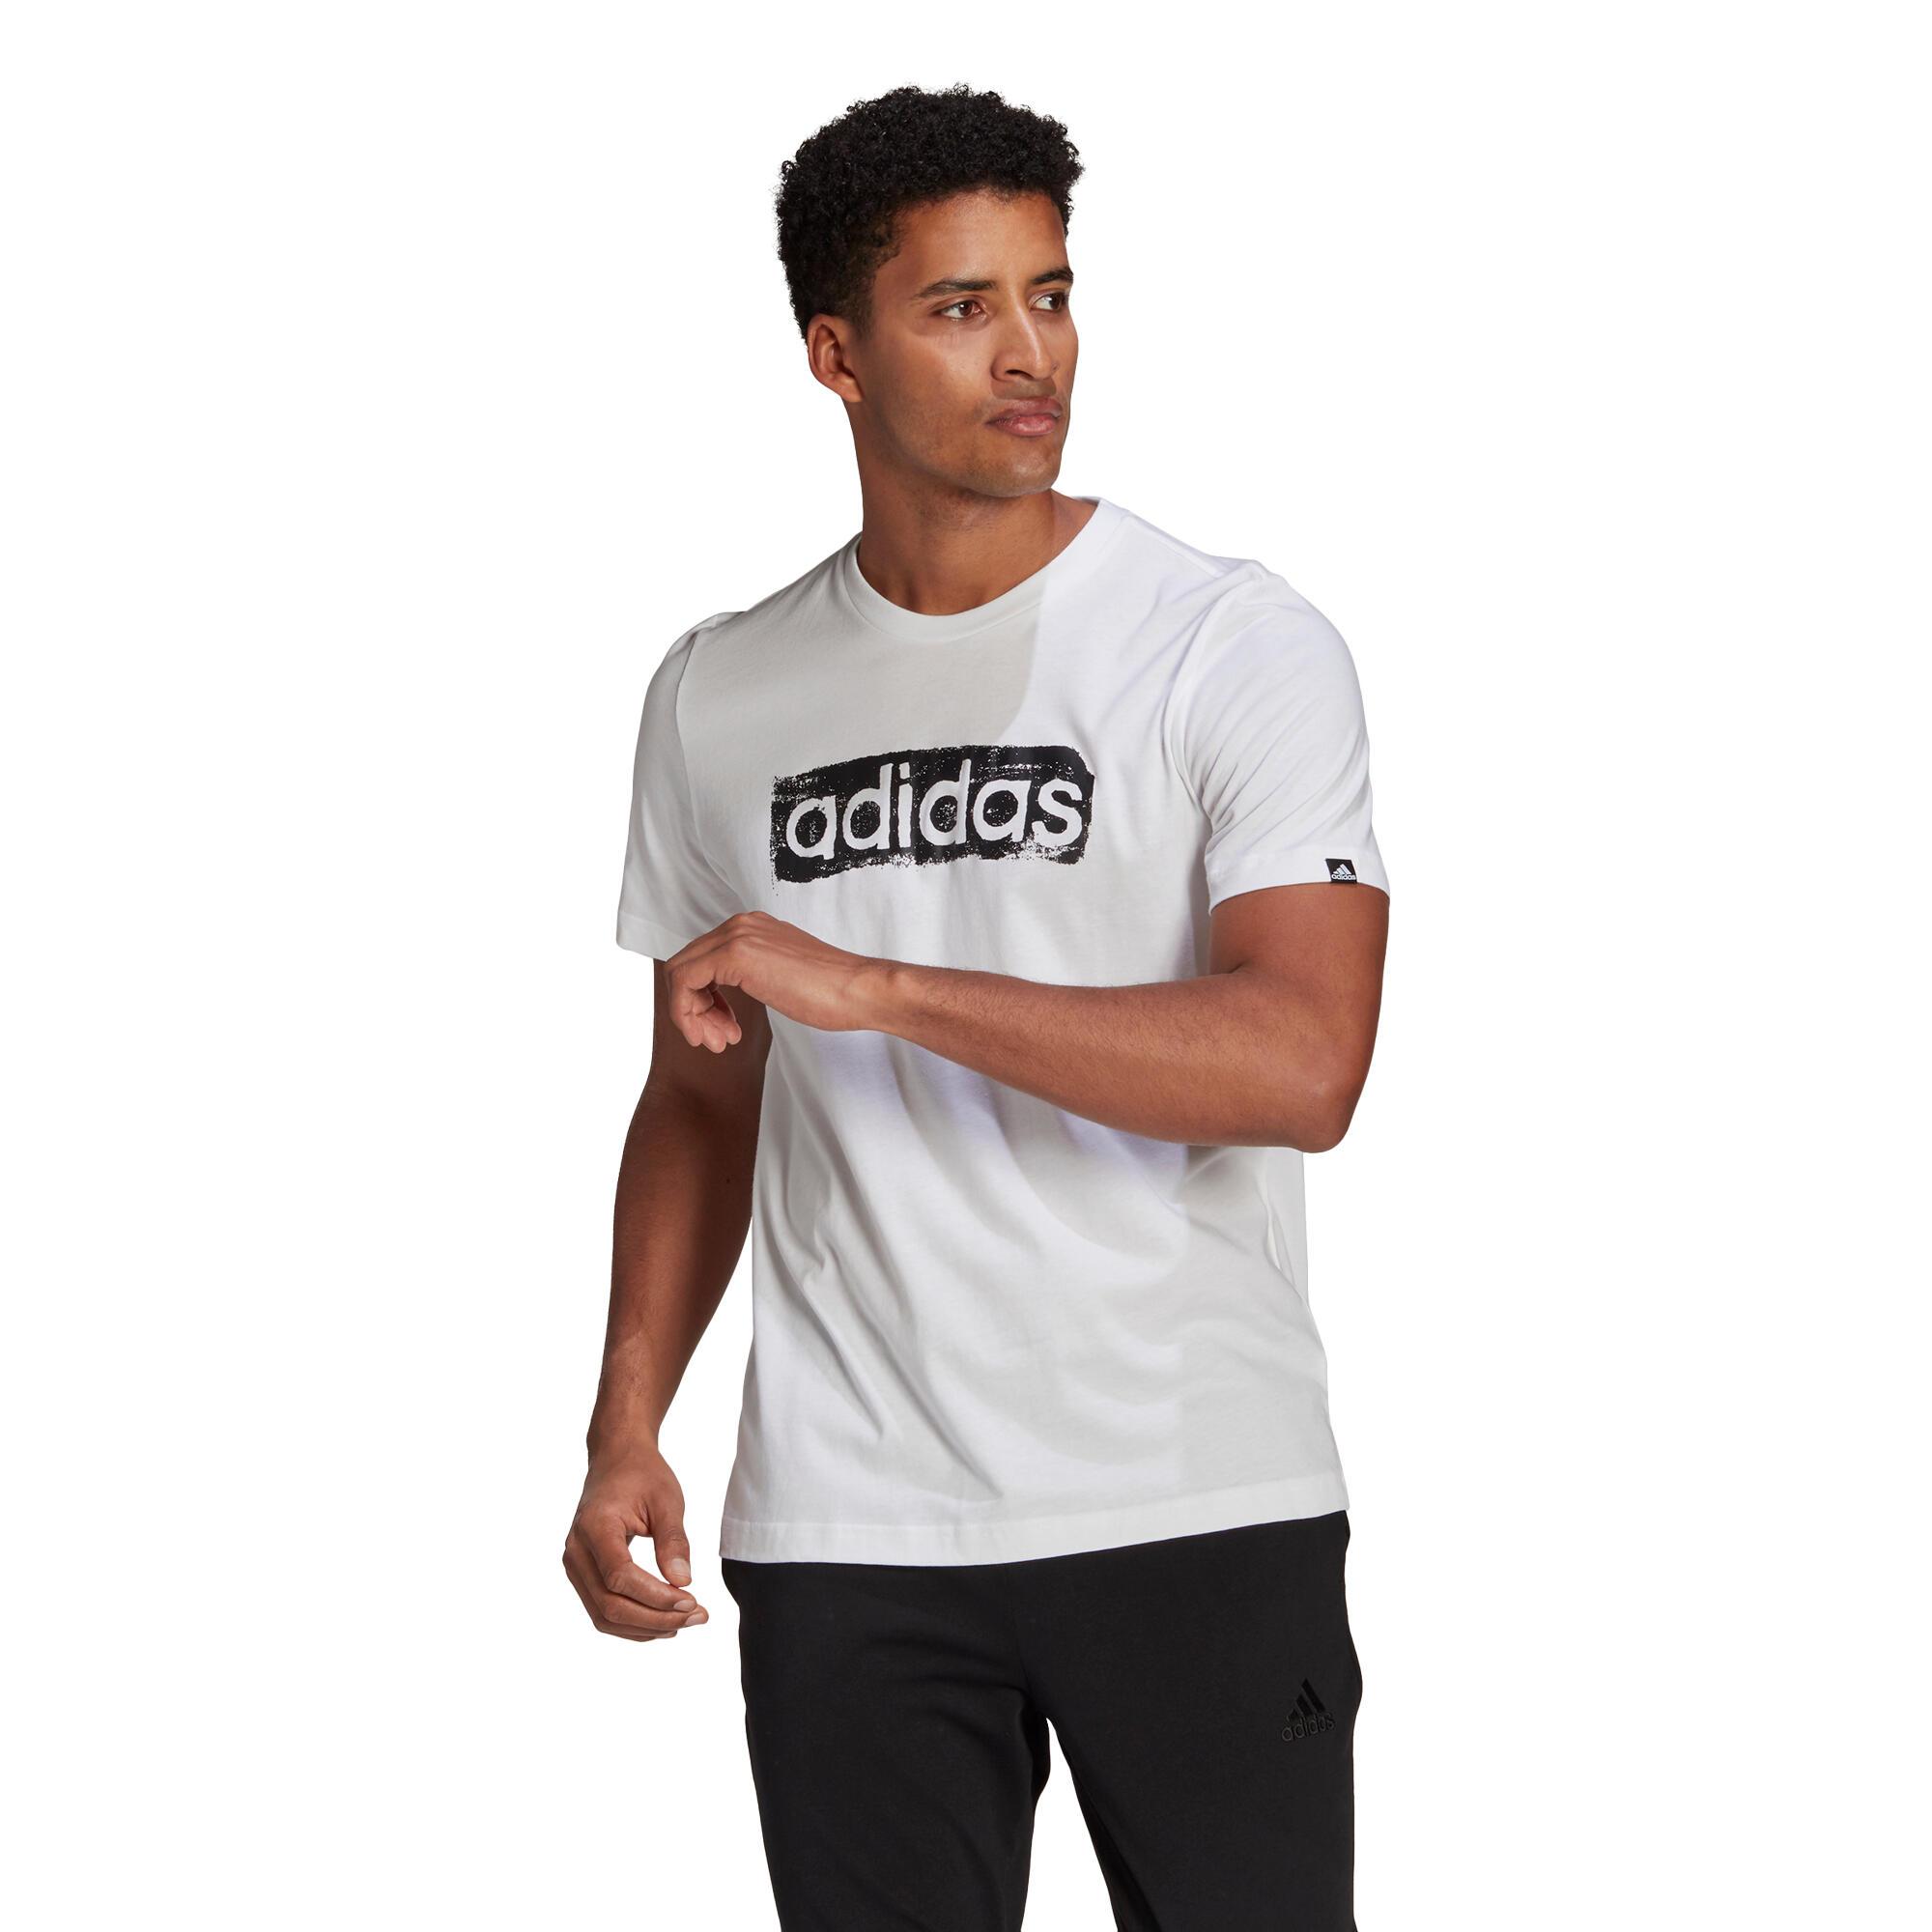 Tricou Adidas alb Bărbați imagine